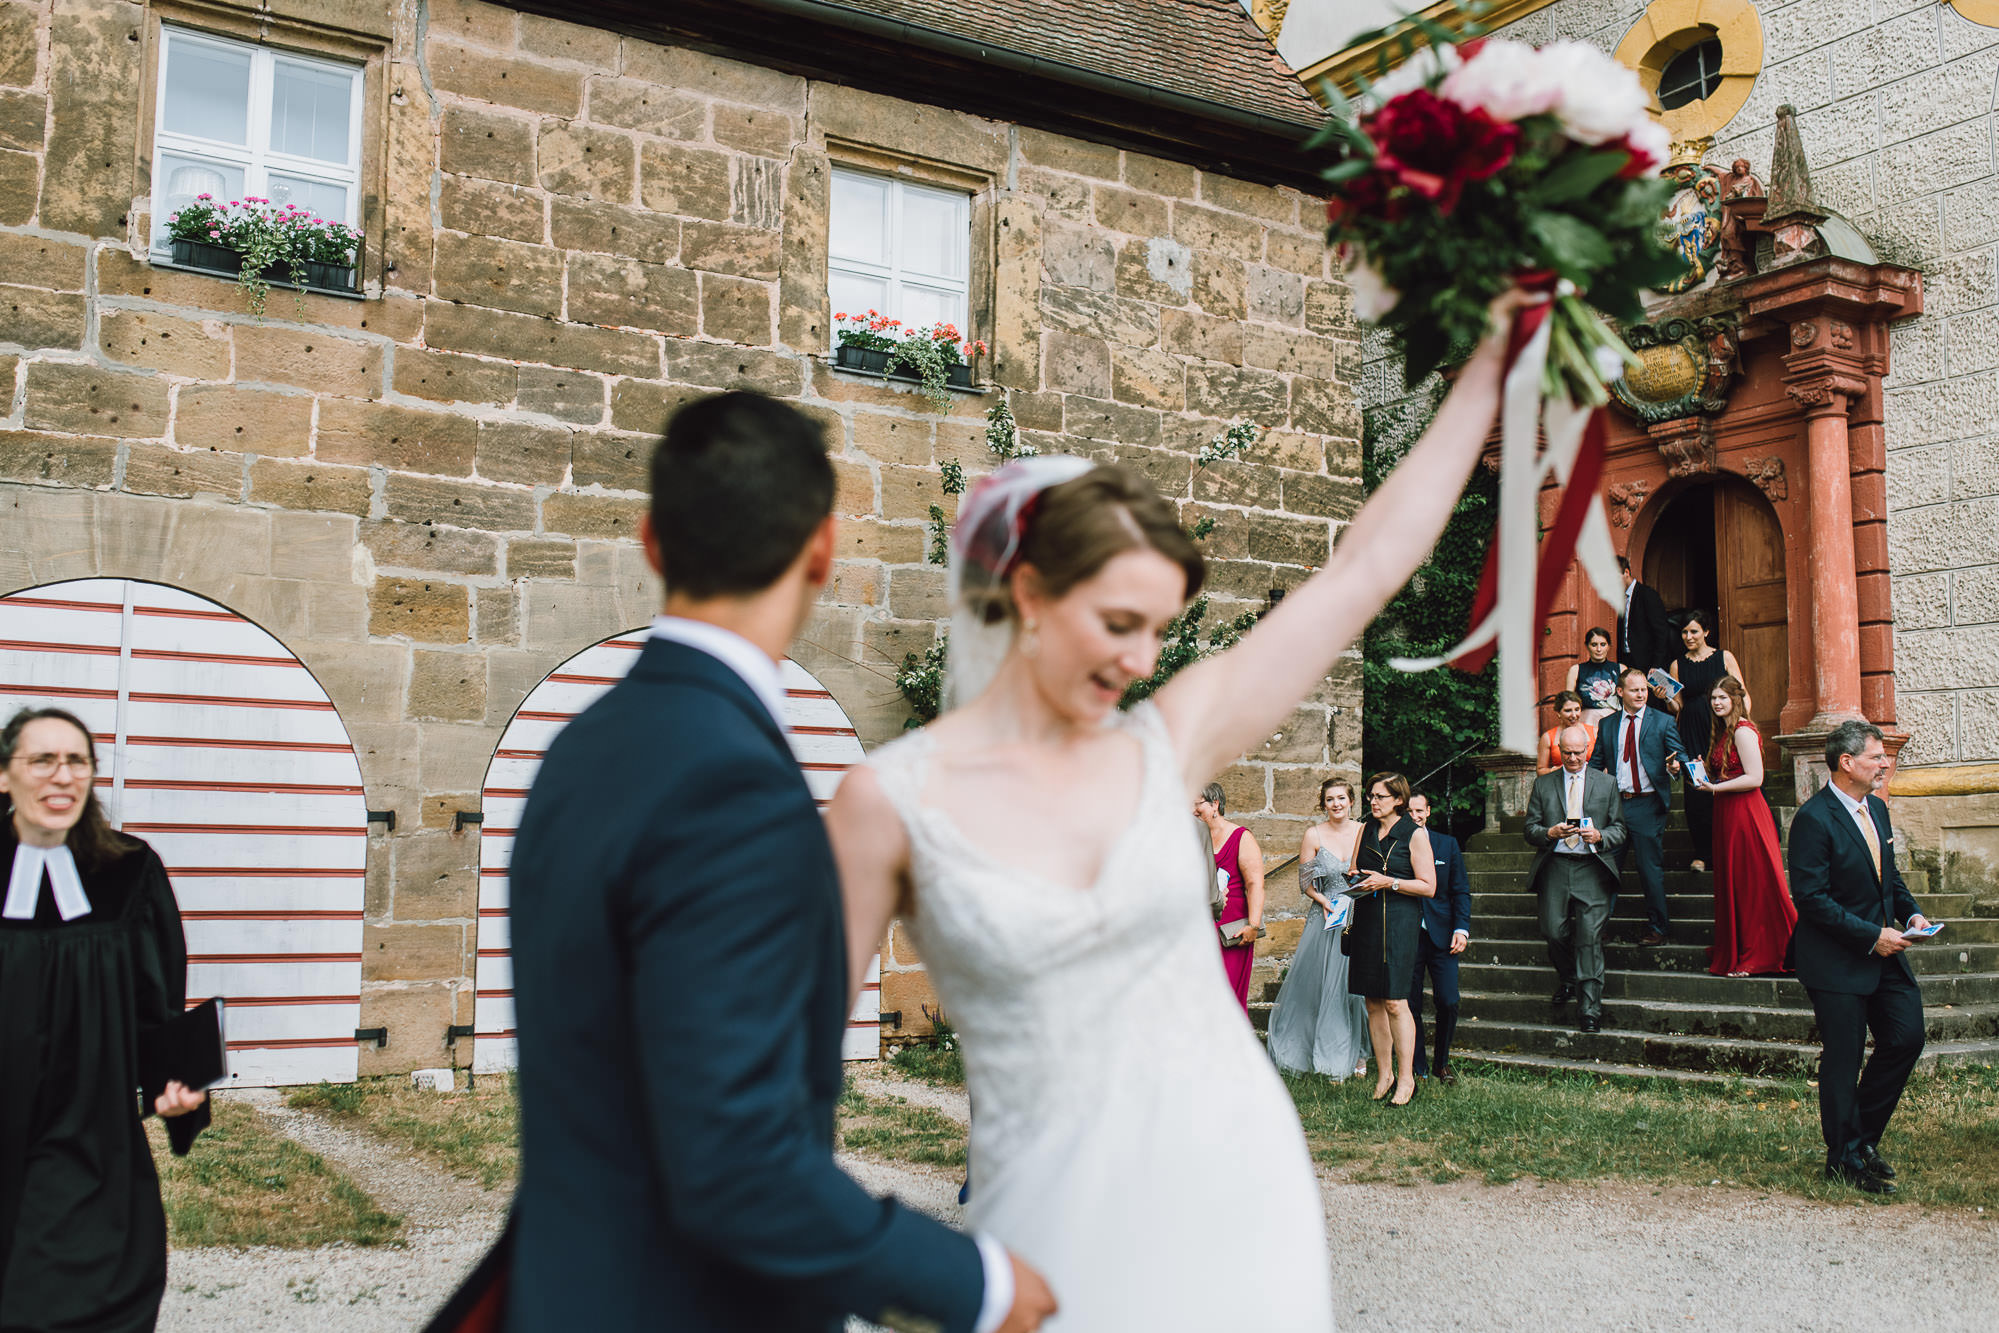 rustic-elegant-wedding-schloss-hochzeit-eyrichshof-franken-bamberg-077